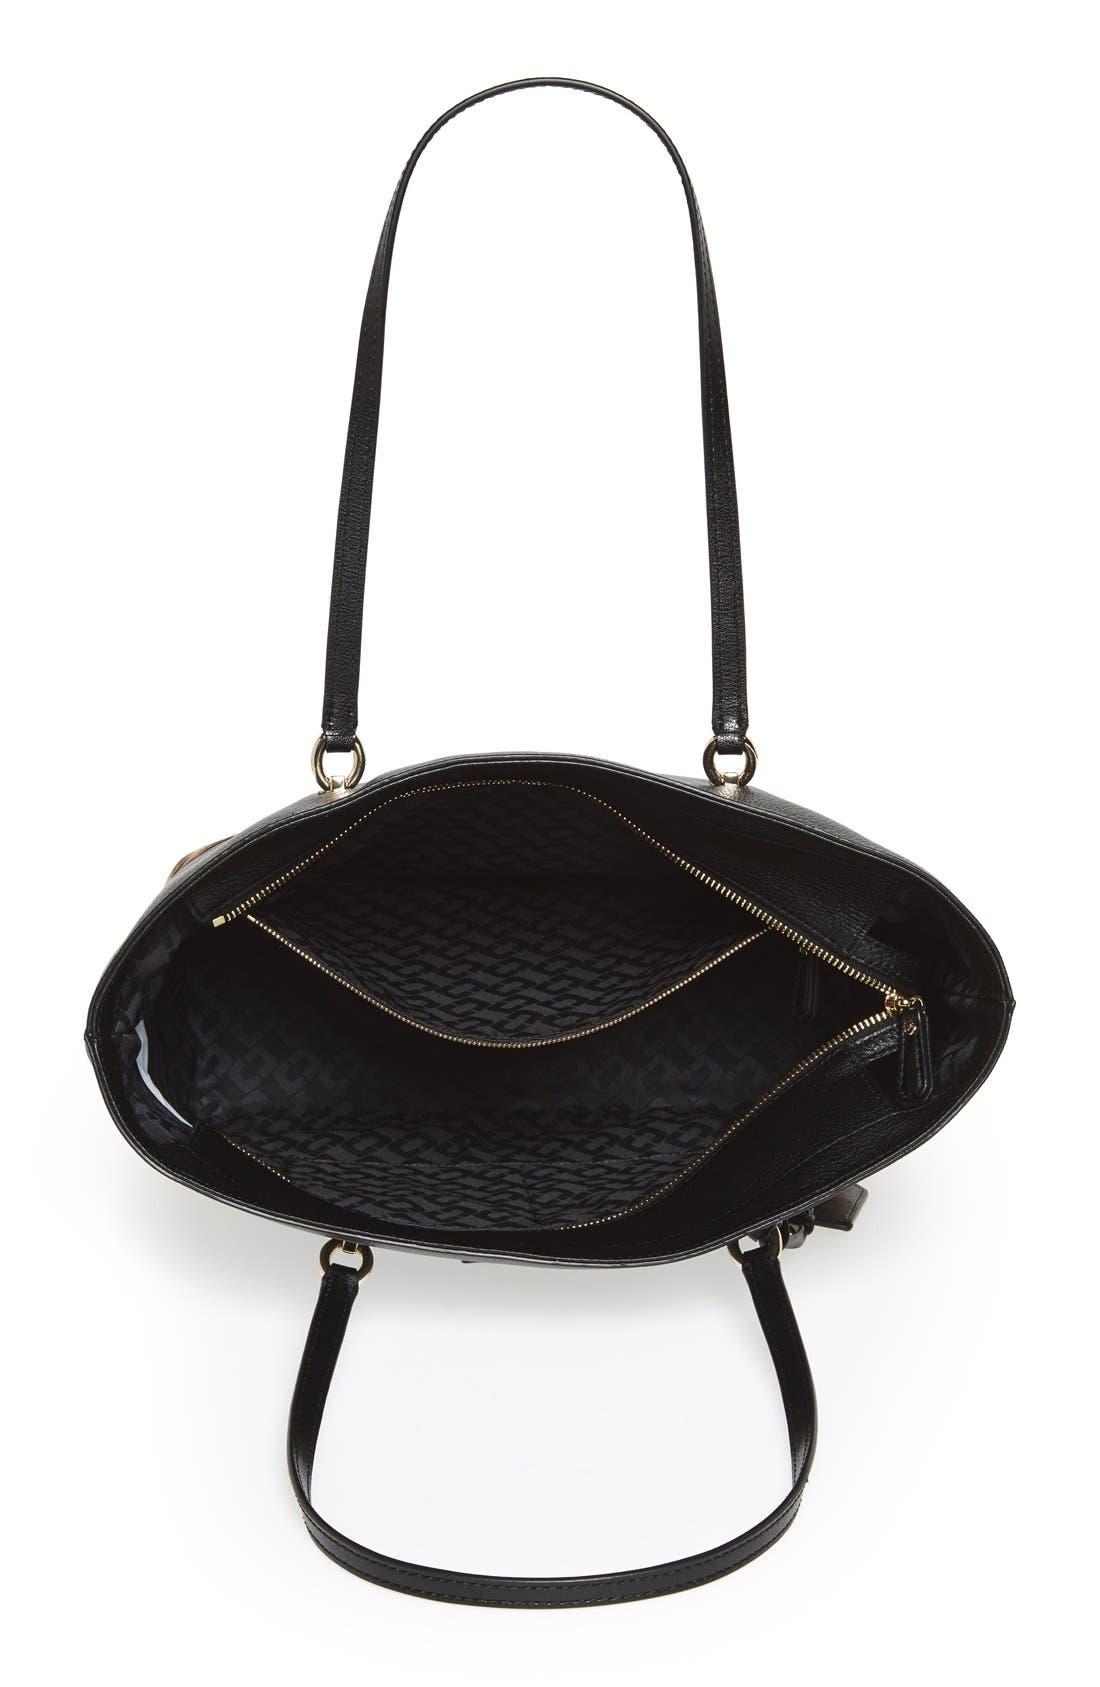 Alternate Image 3  - Diane von Furstenberg 'Sutra Ready to Go' Leather Shopper